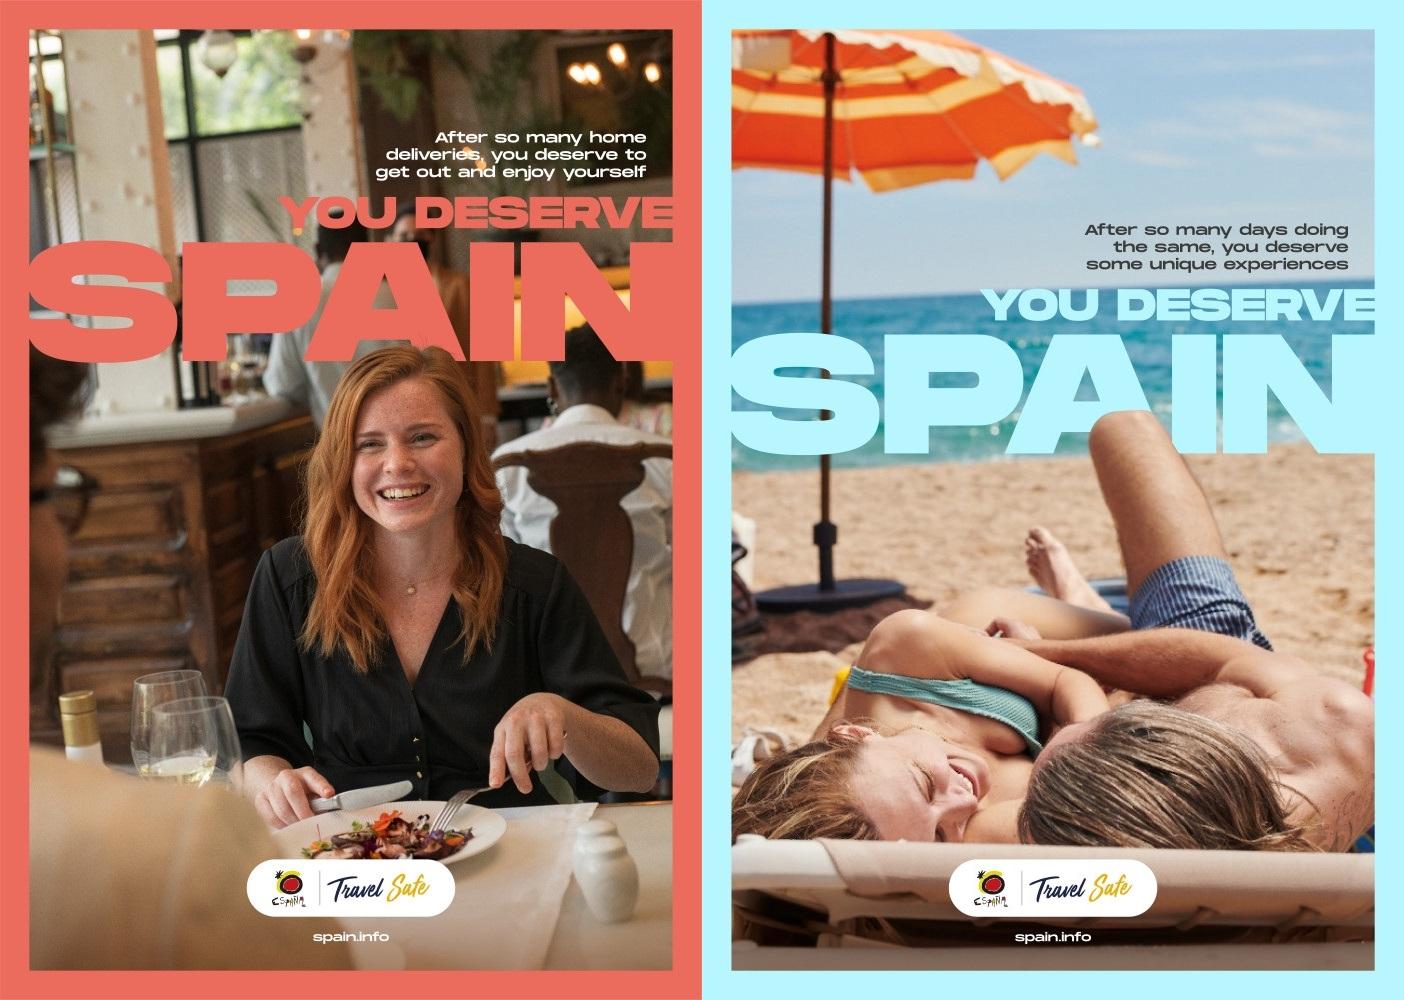 You deserve Spain - Turistkampanje - post corona - 2021